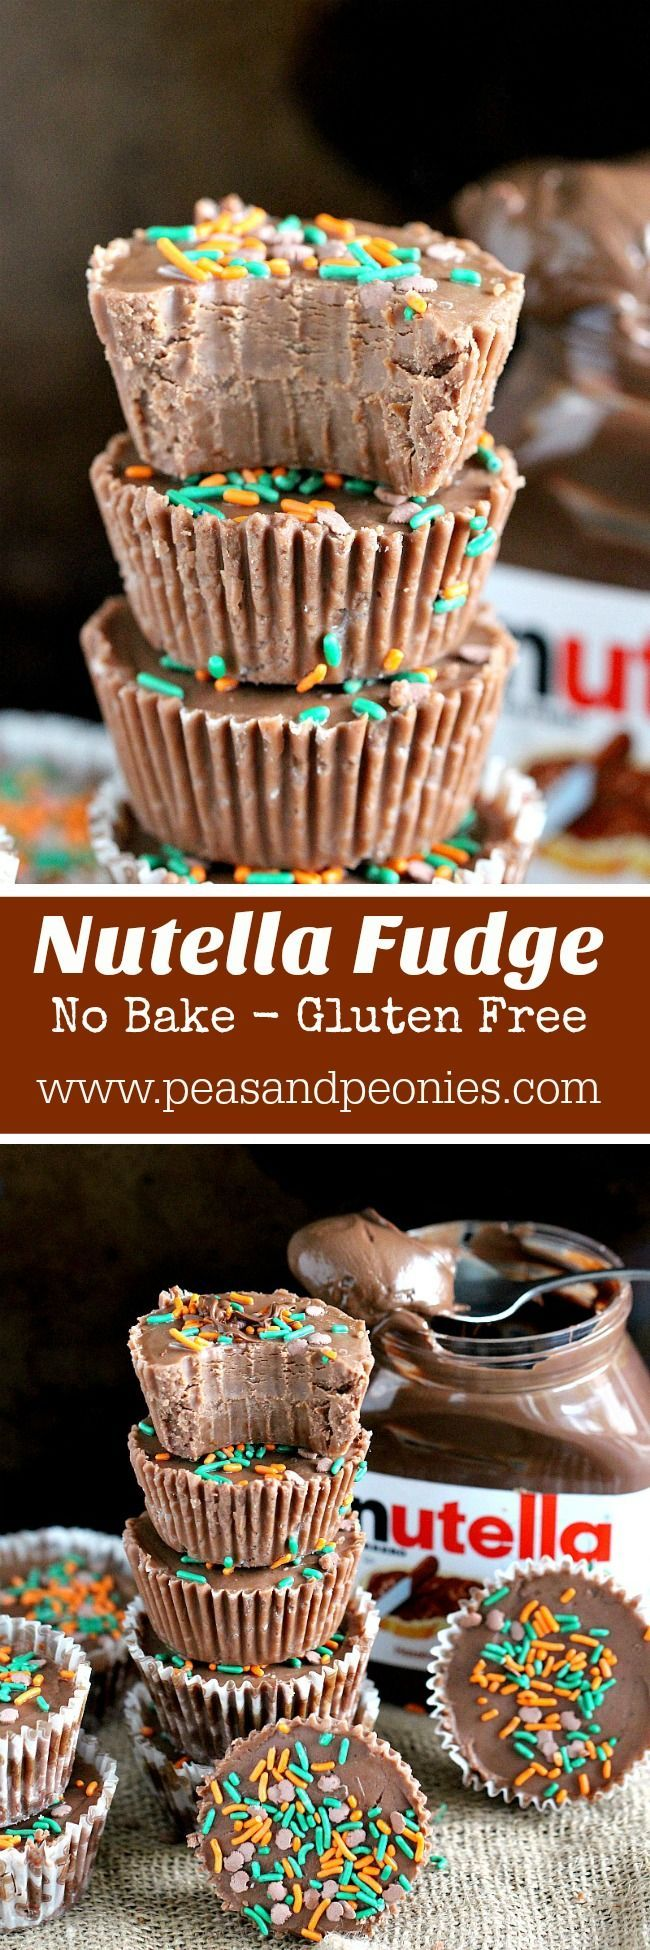 No Bake Nutella Fudge